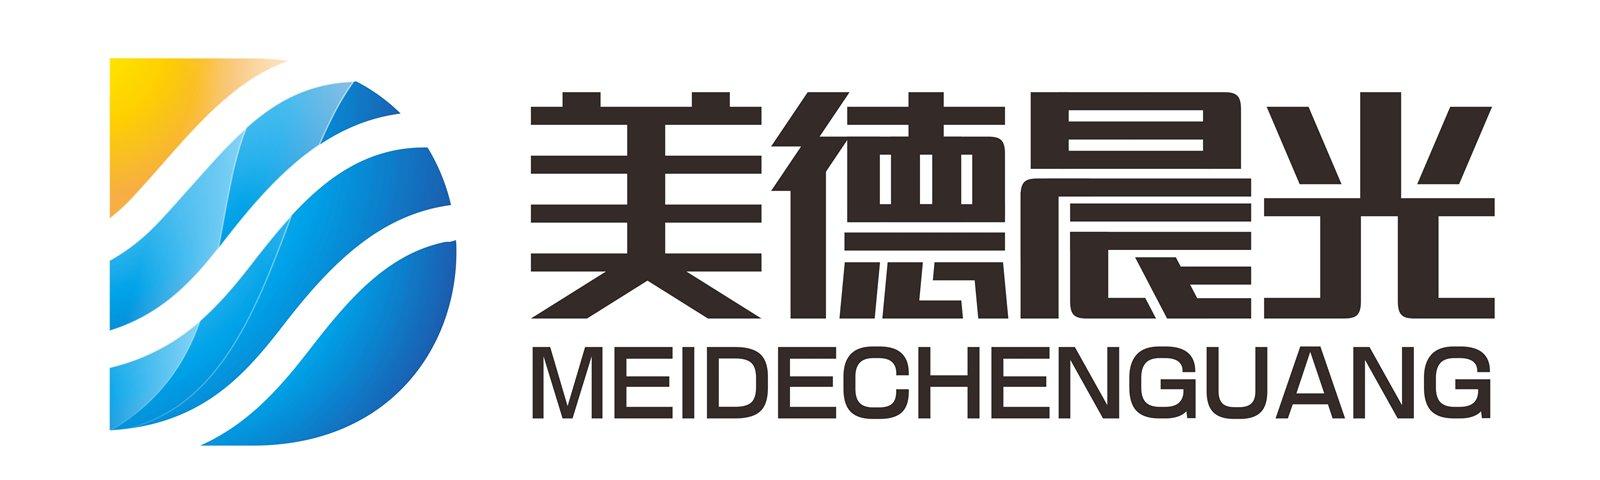 logo logo 标志 设计 矢量 矢量图 素材 图标 1600_480